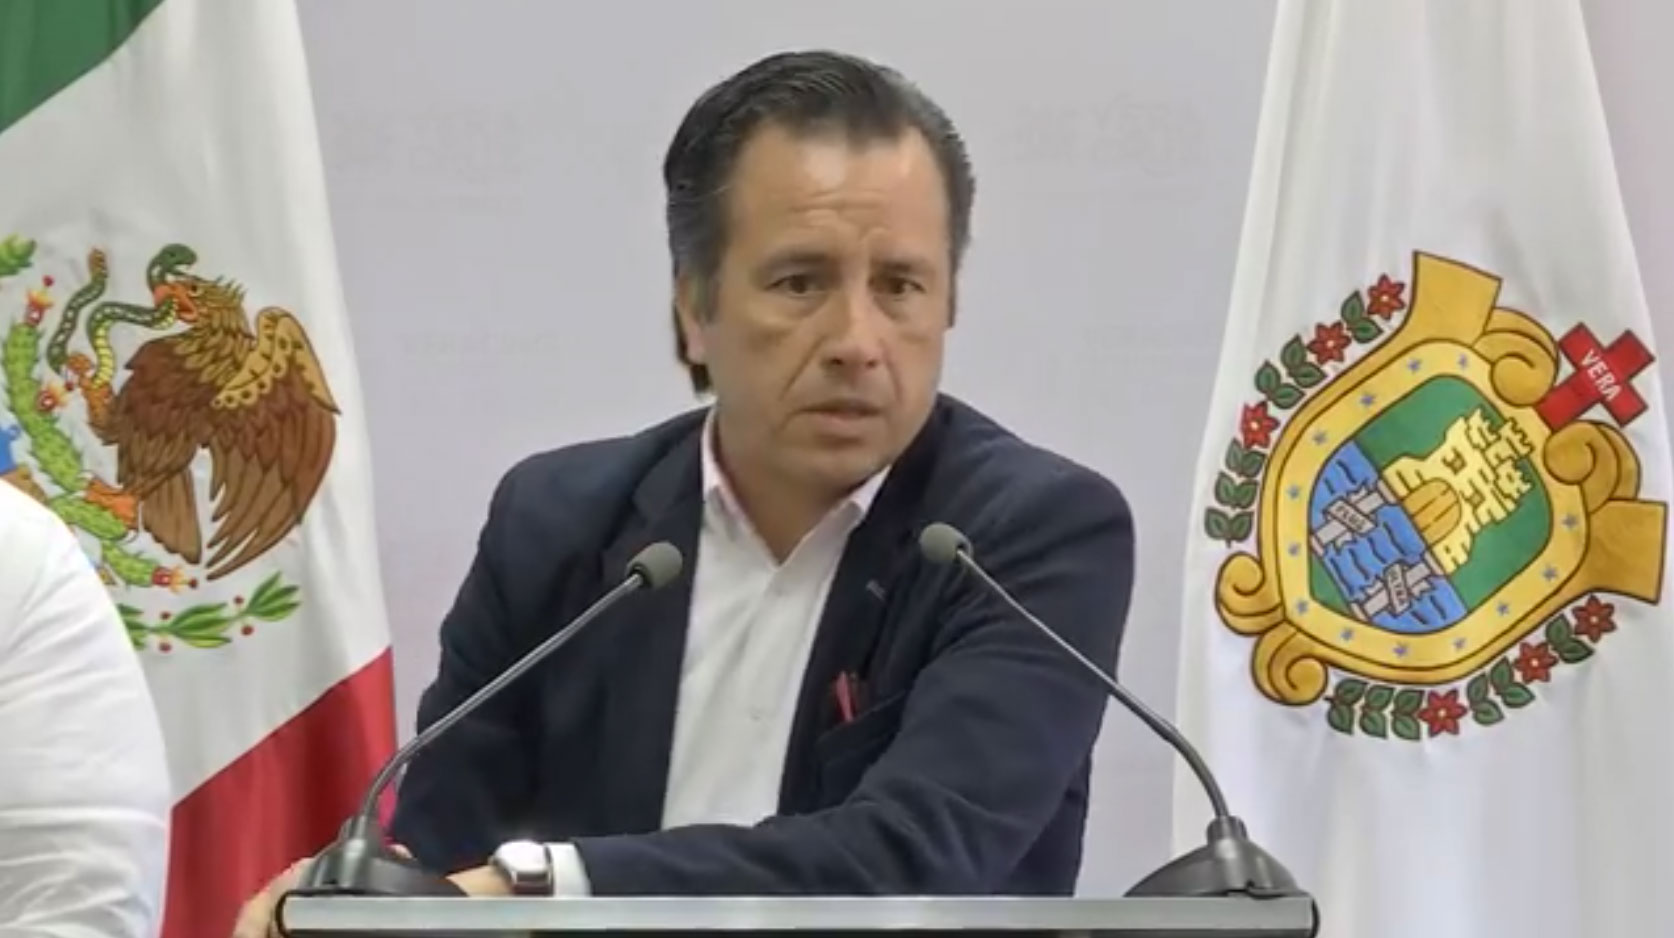 Entre el Gobierno del estado y el fiscal general Jorge Winckler Ortiz no hay guerra, aseguró elgobernador Cuitláhuac García Jiménez, al señalar que siempre ha habido coordinación entre ambos pese a las diferencias.